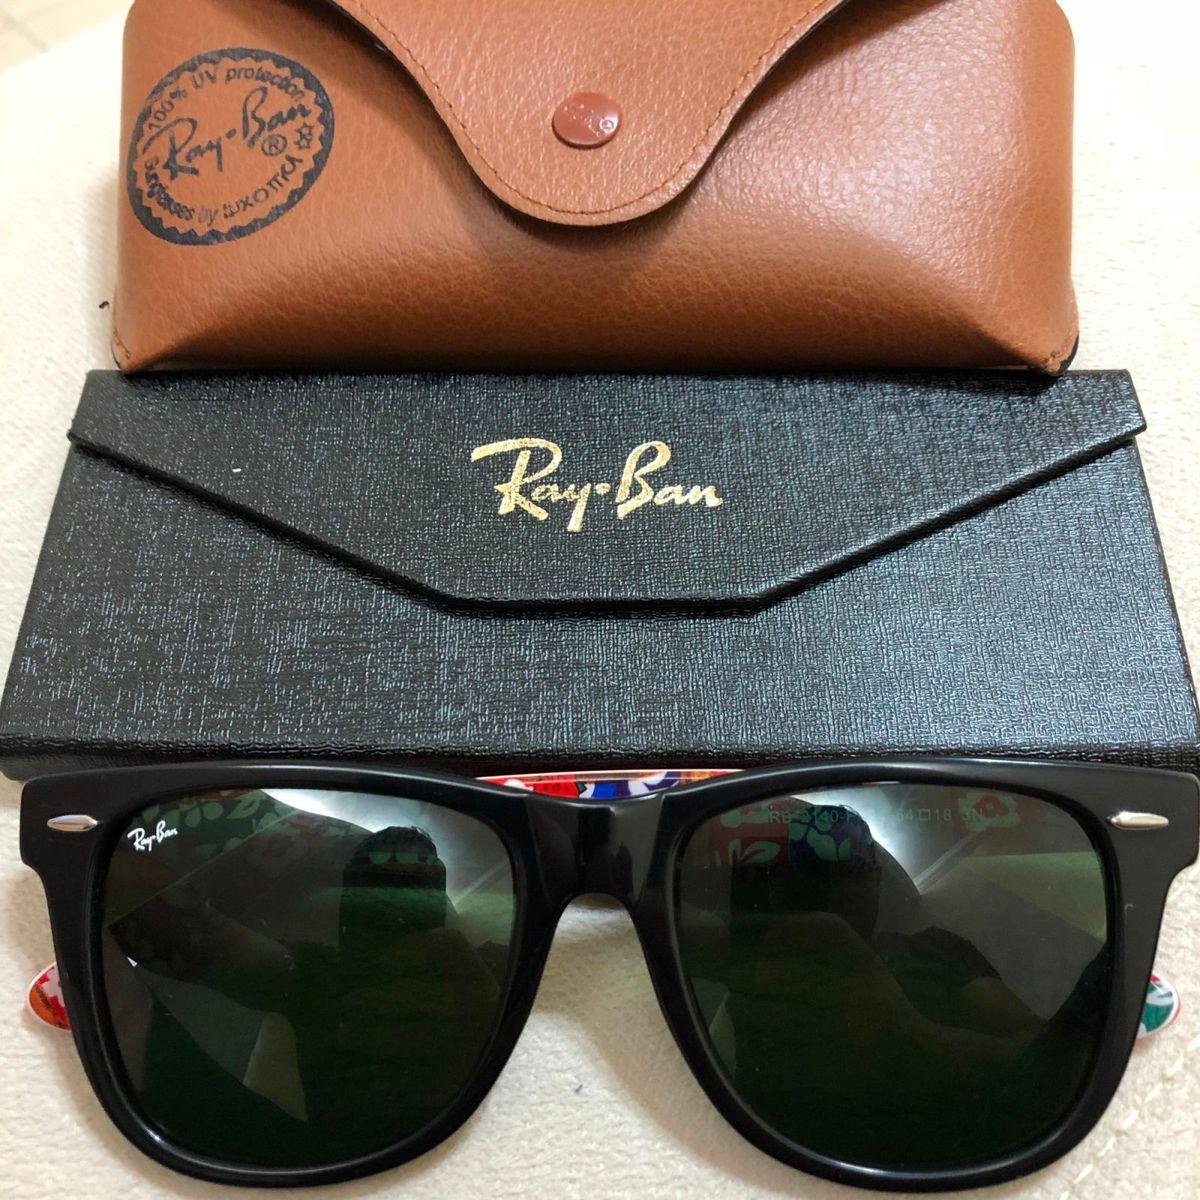 e839d41138532 Oculos de Sol Ray Ban Wayfarer Rb2140 Numeração C4 Masculino Preto Vermelho  Lente Verde Cristal